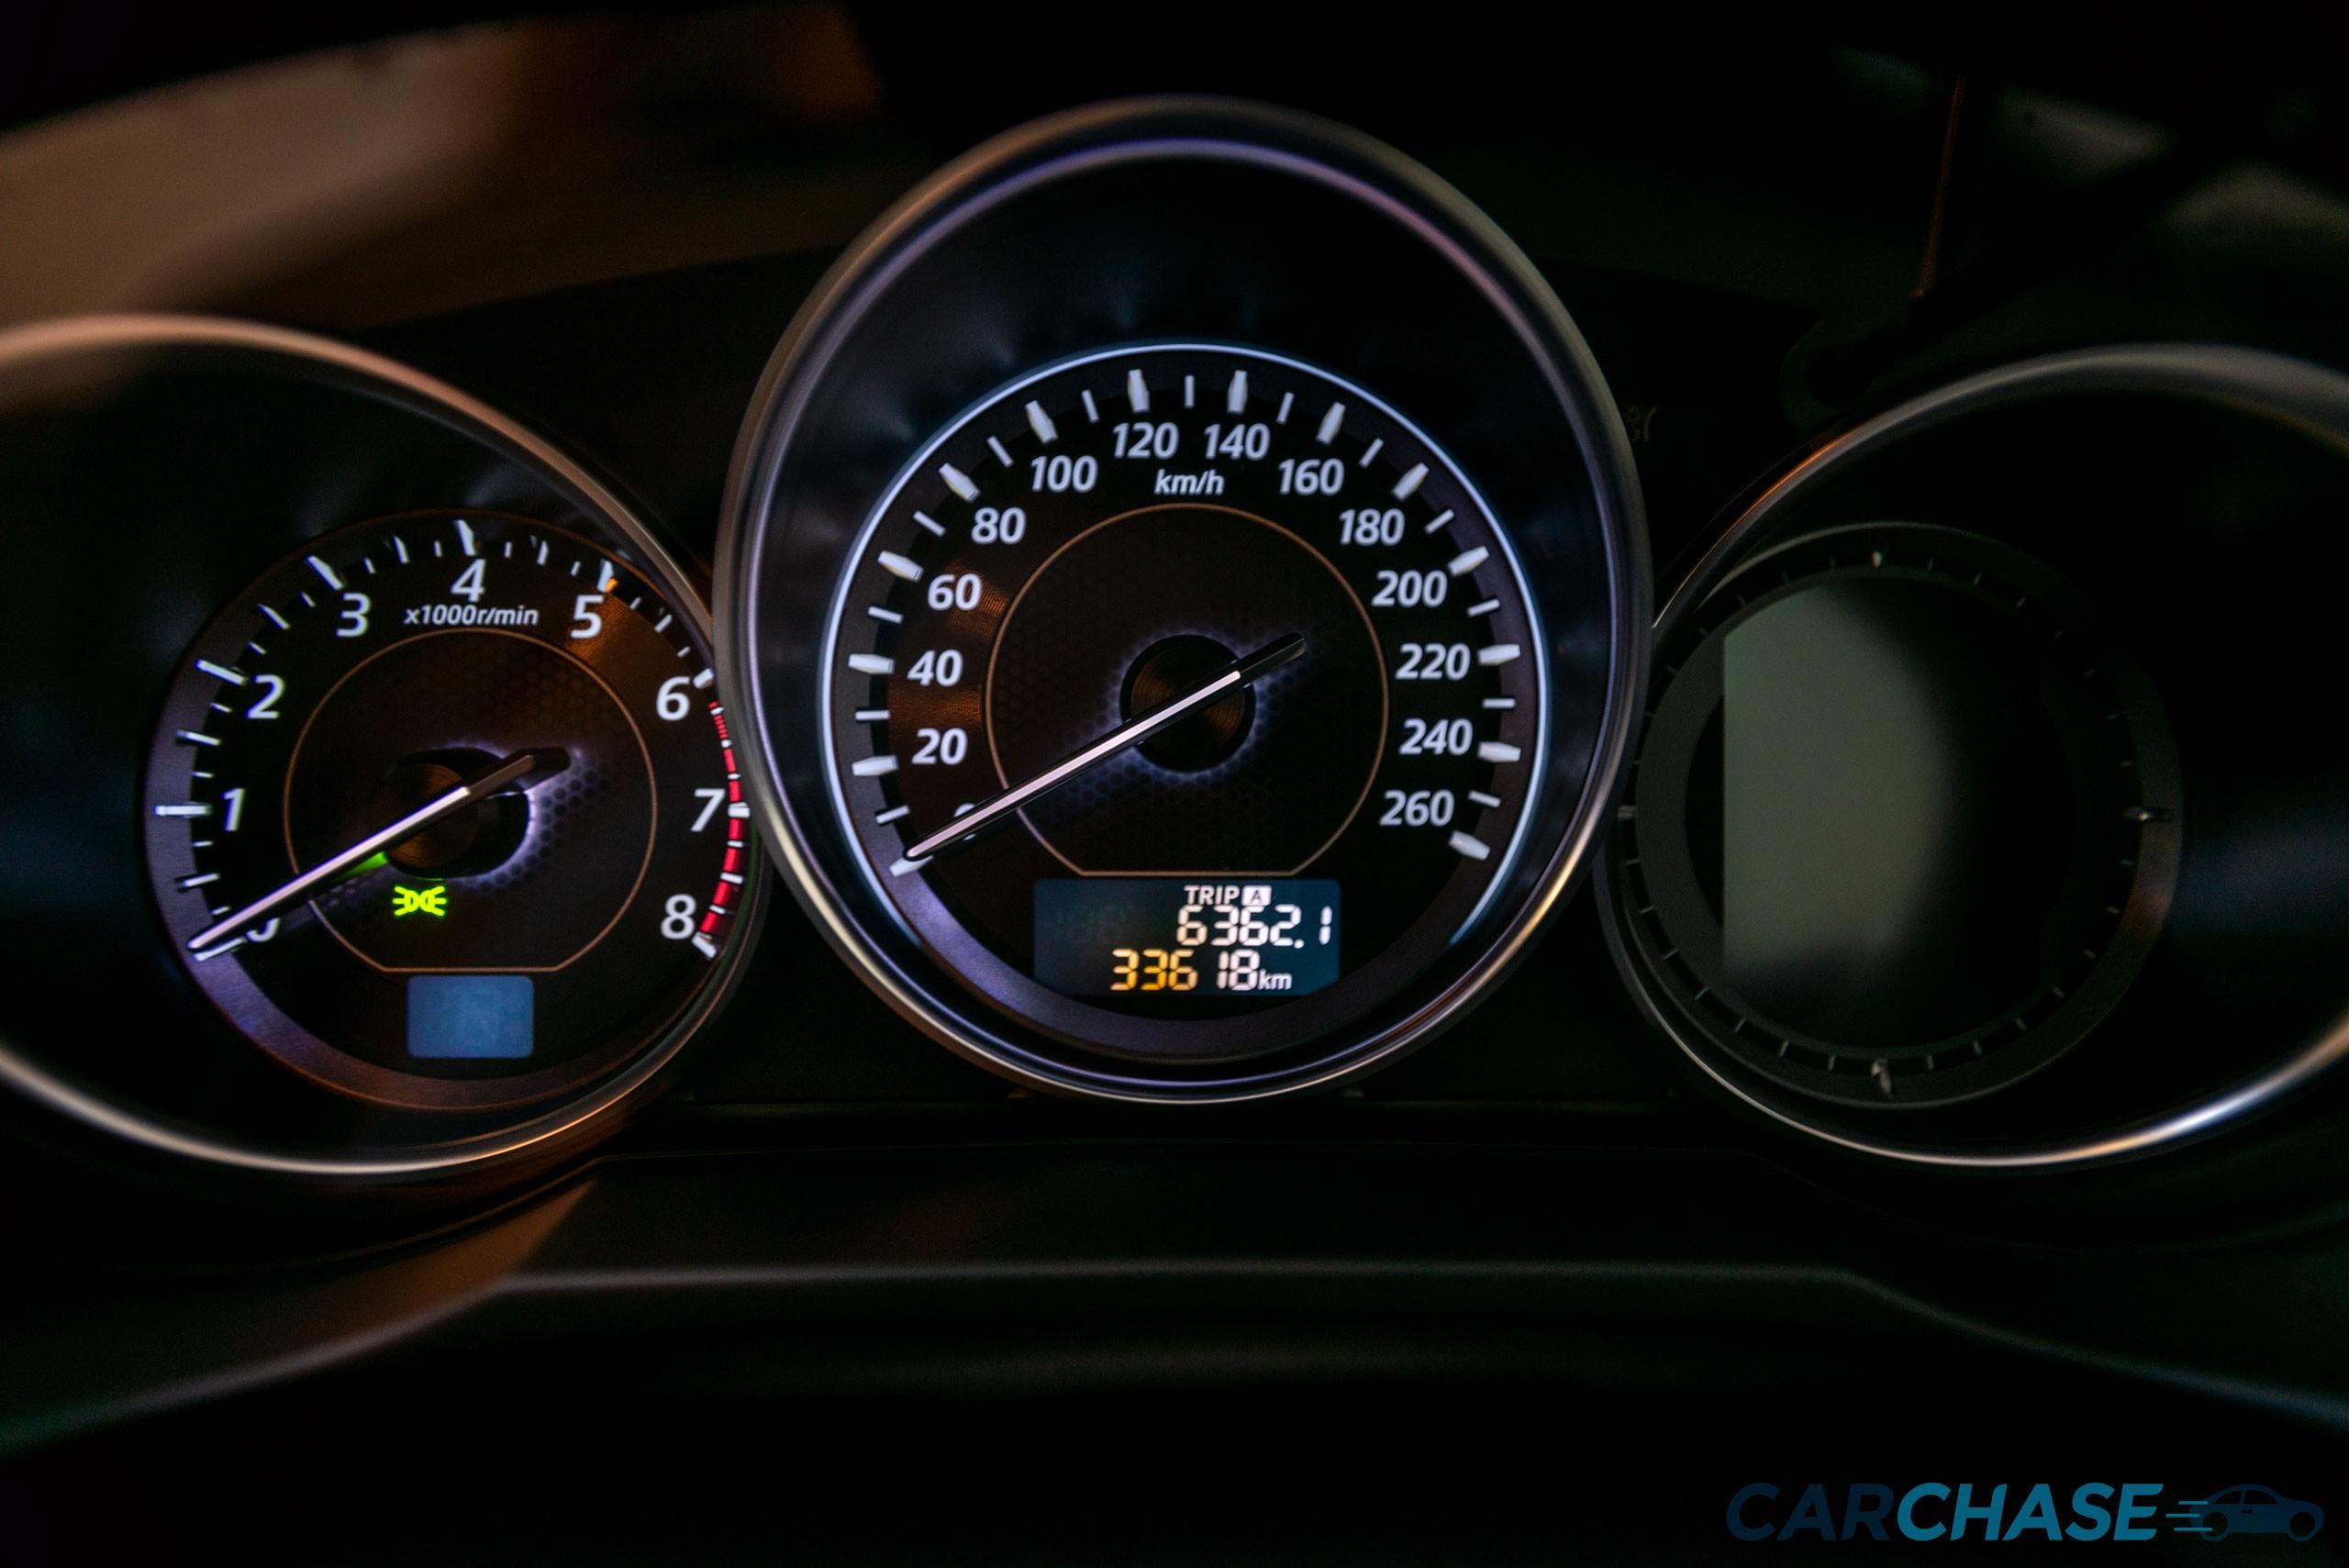 Image 6/10 of 2013 Mazda 6 GJ